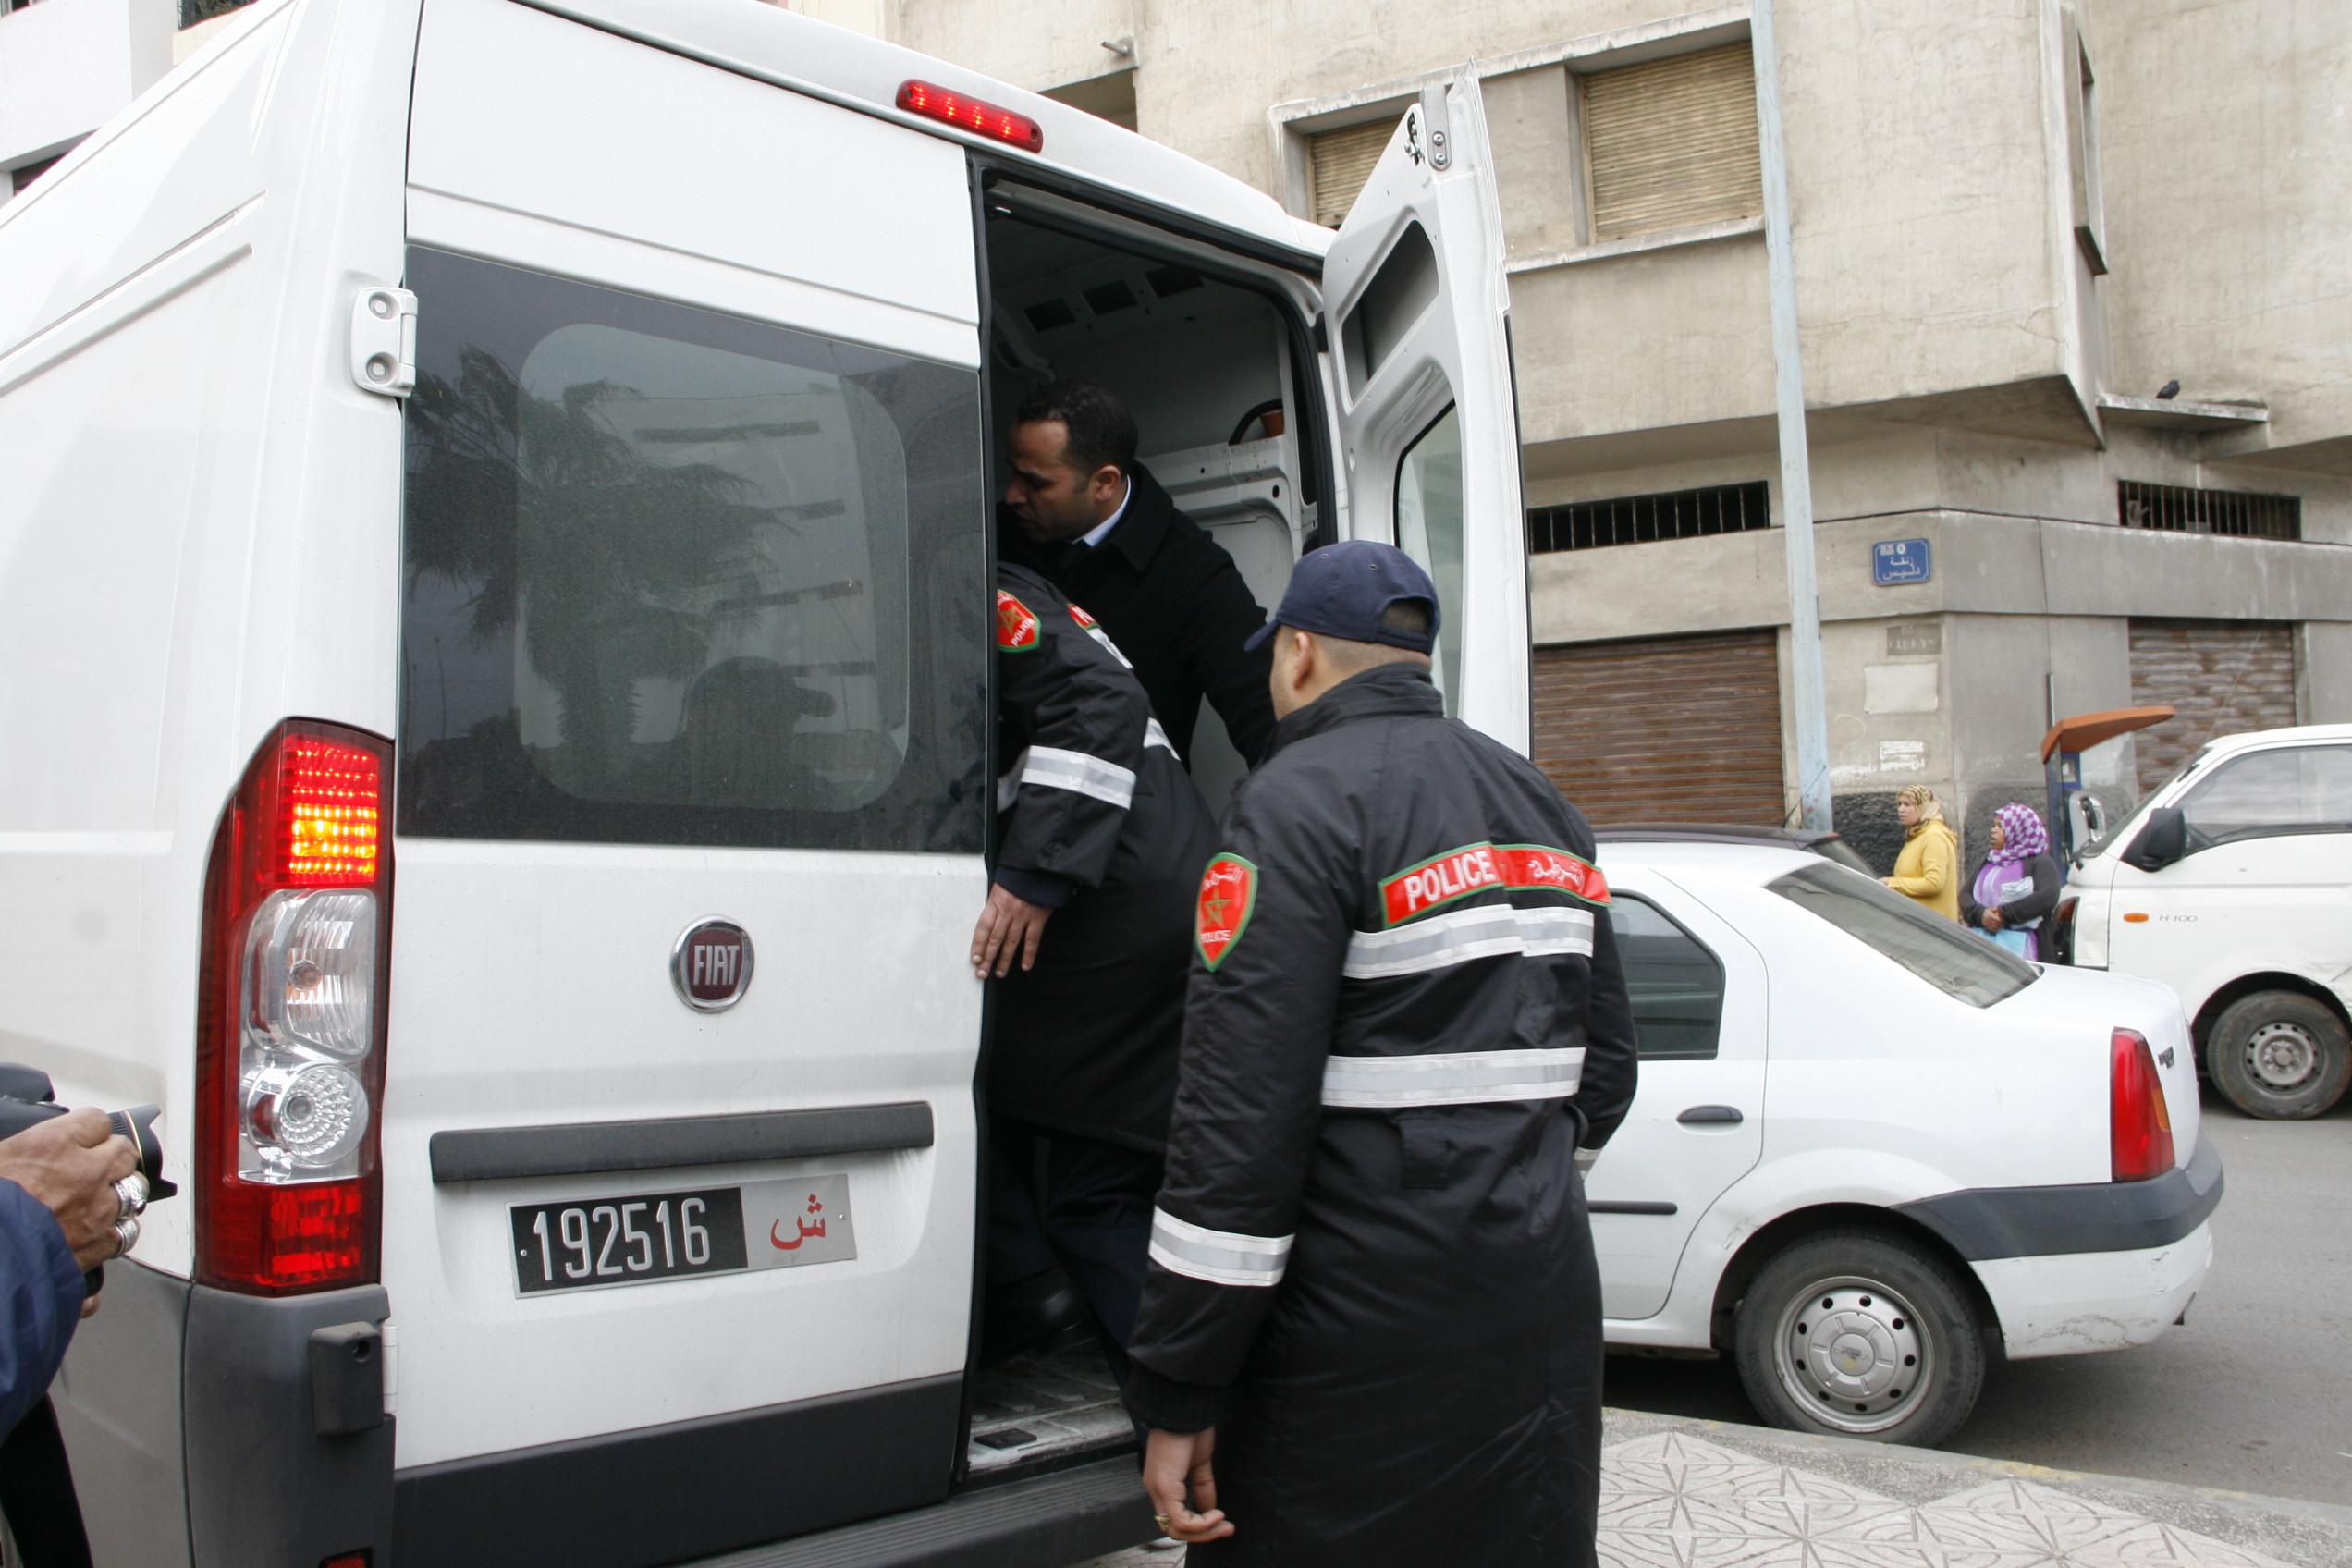 شرطة تطوان تطيح بعصابة استولت على 15 مليون من وكالة لصرف العملات